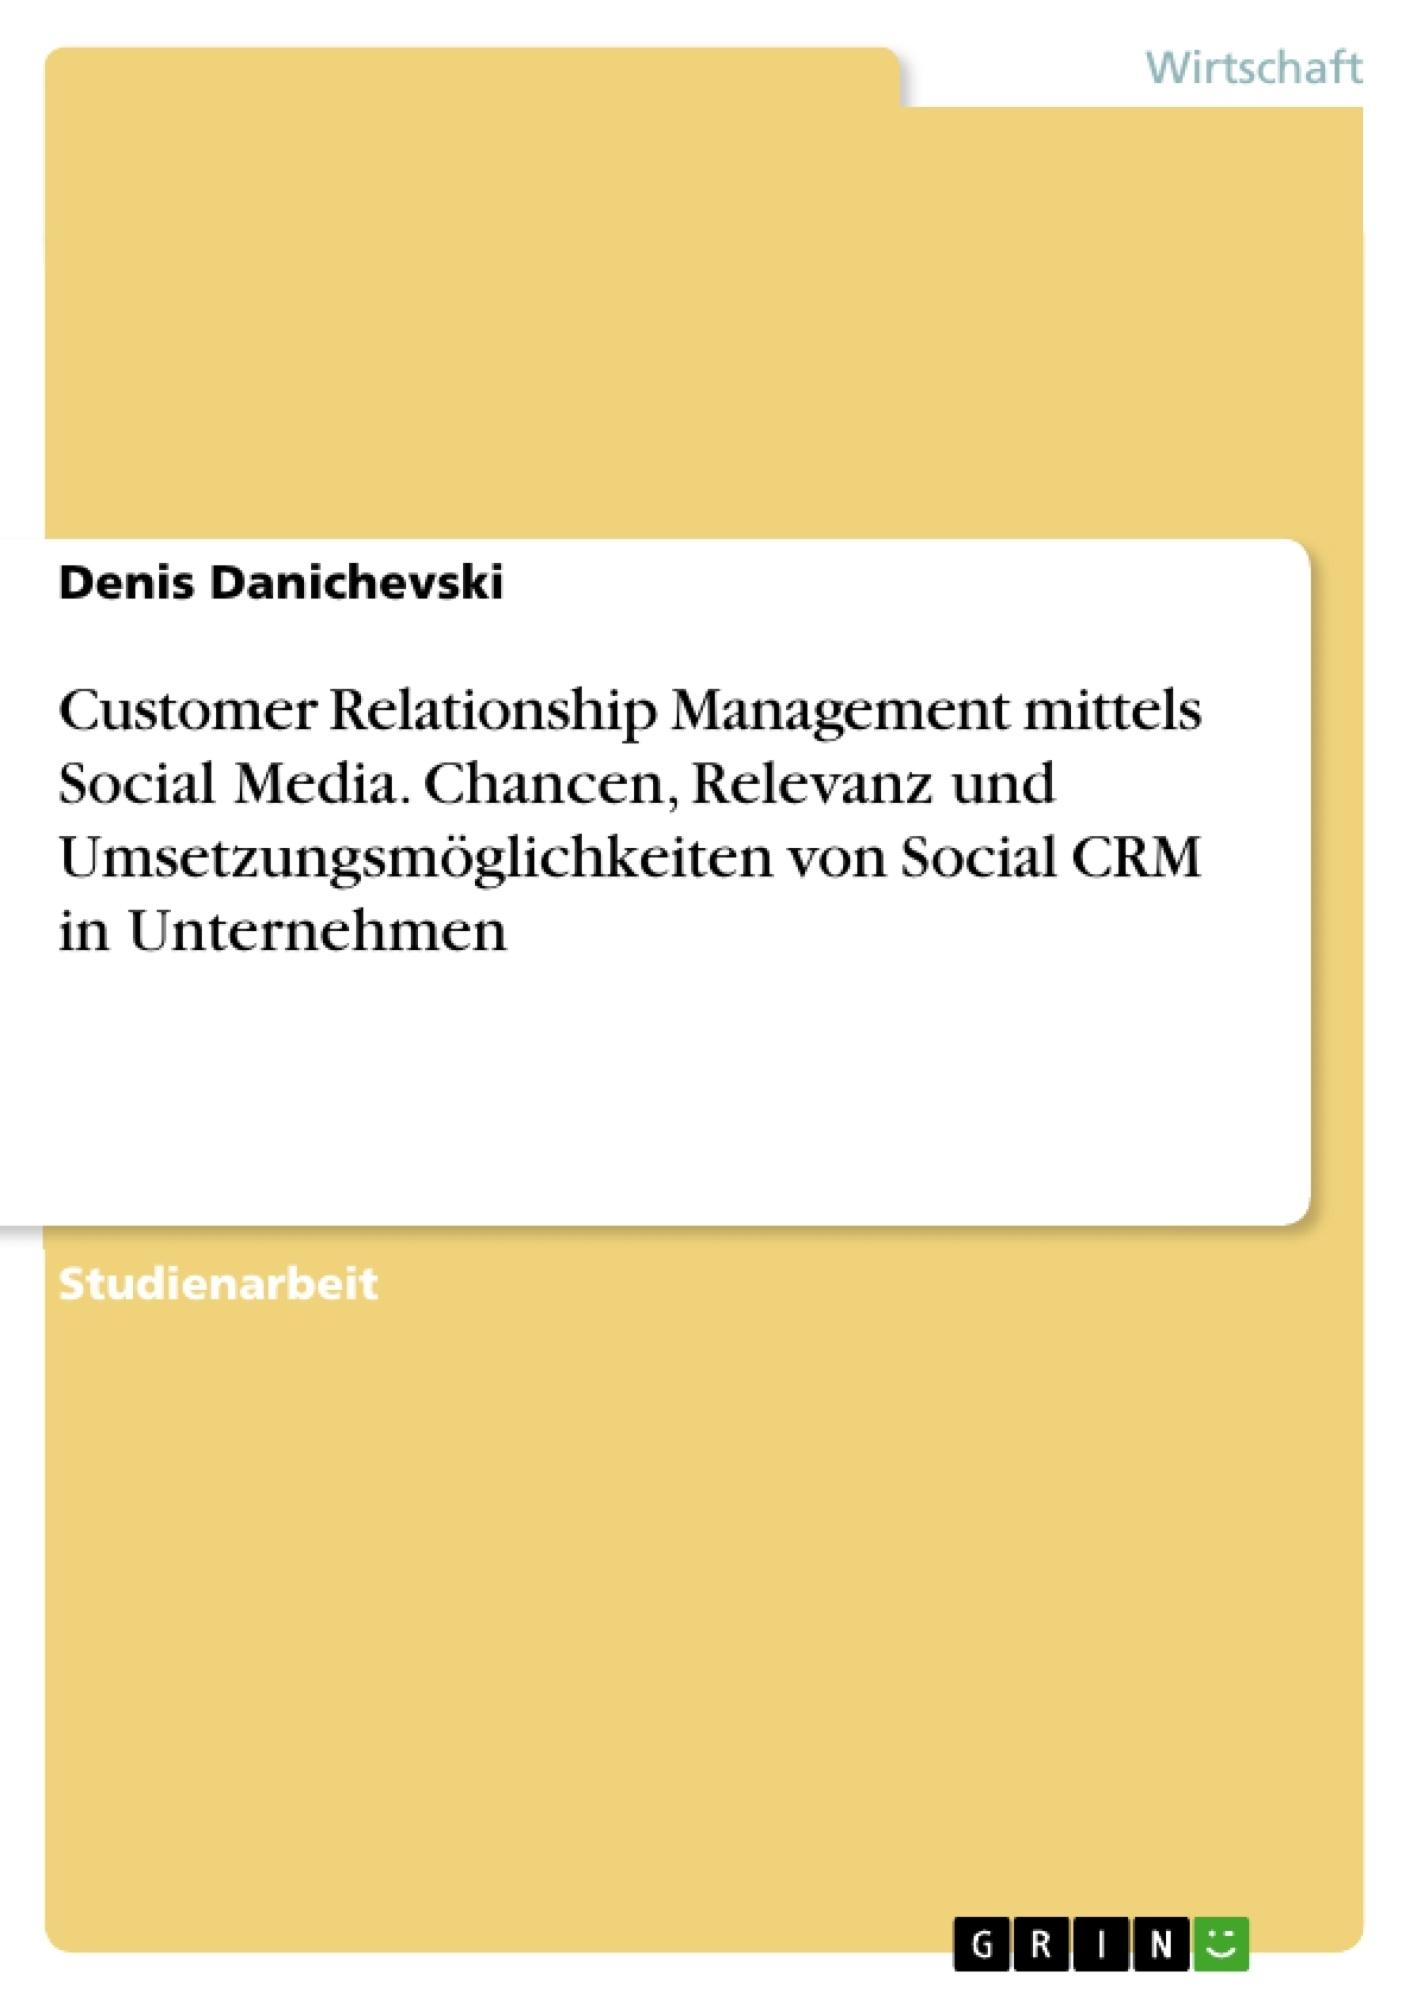 Titel: Customer Relationship Management mittels Social Media. Chancen, Relevanz und Umsetzungsmöglichkeiten von Social CRM in Unternehmen